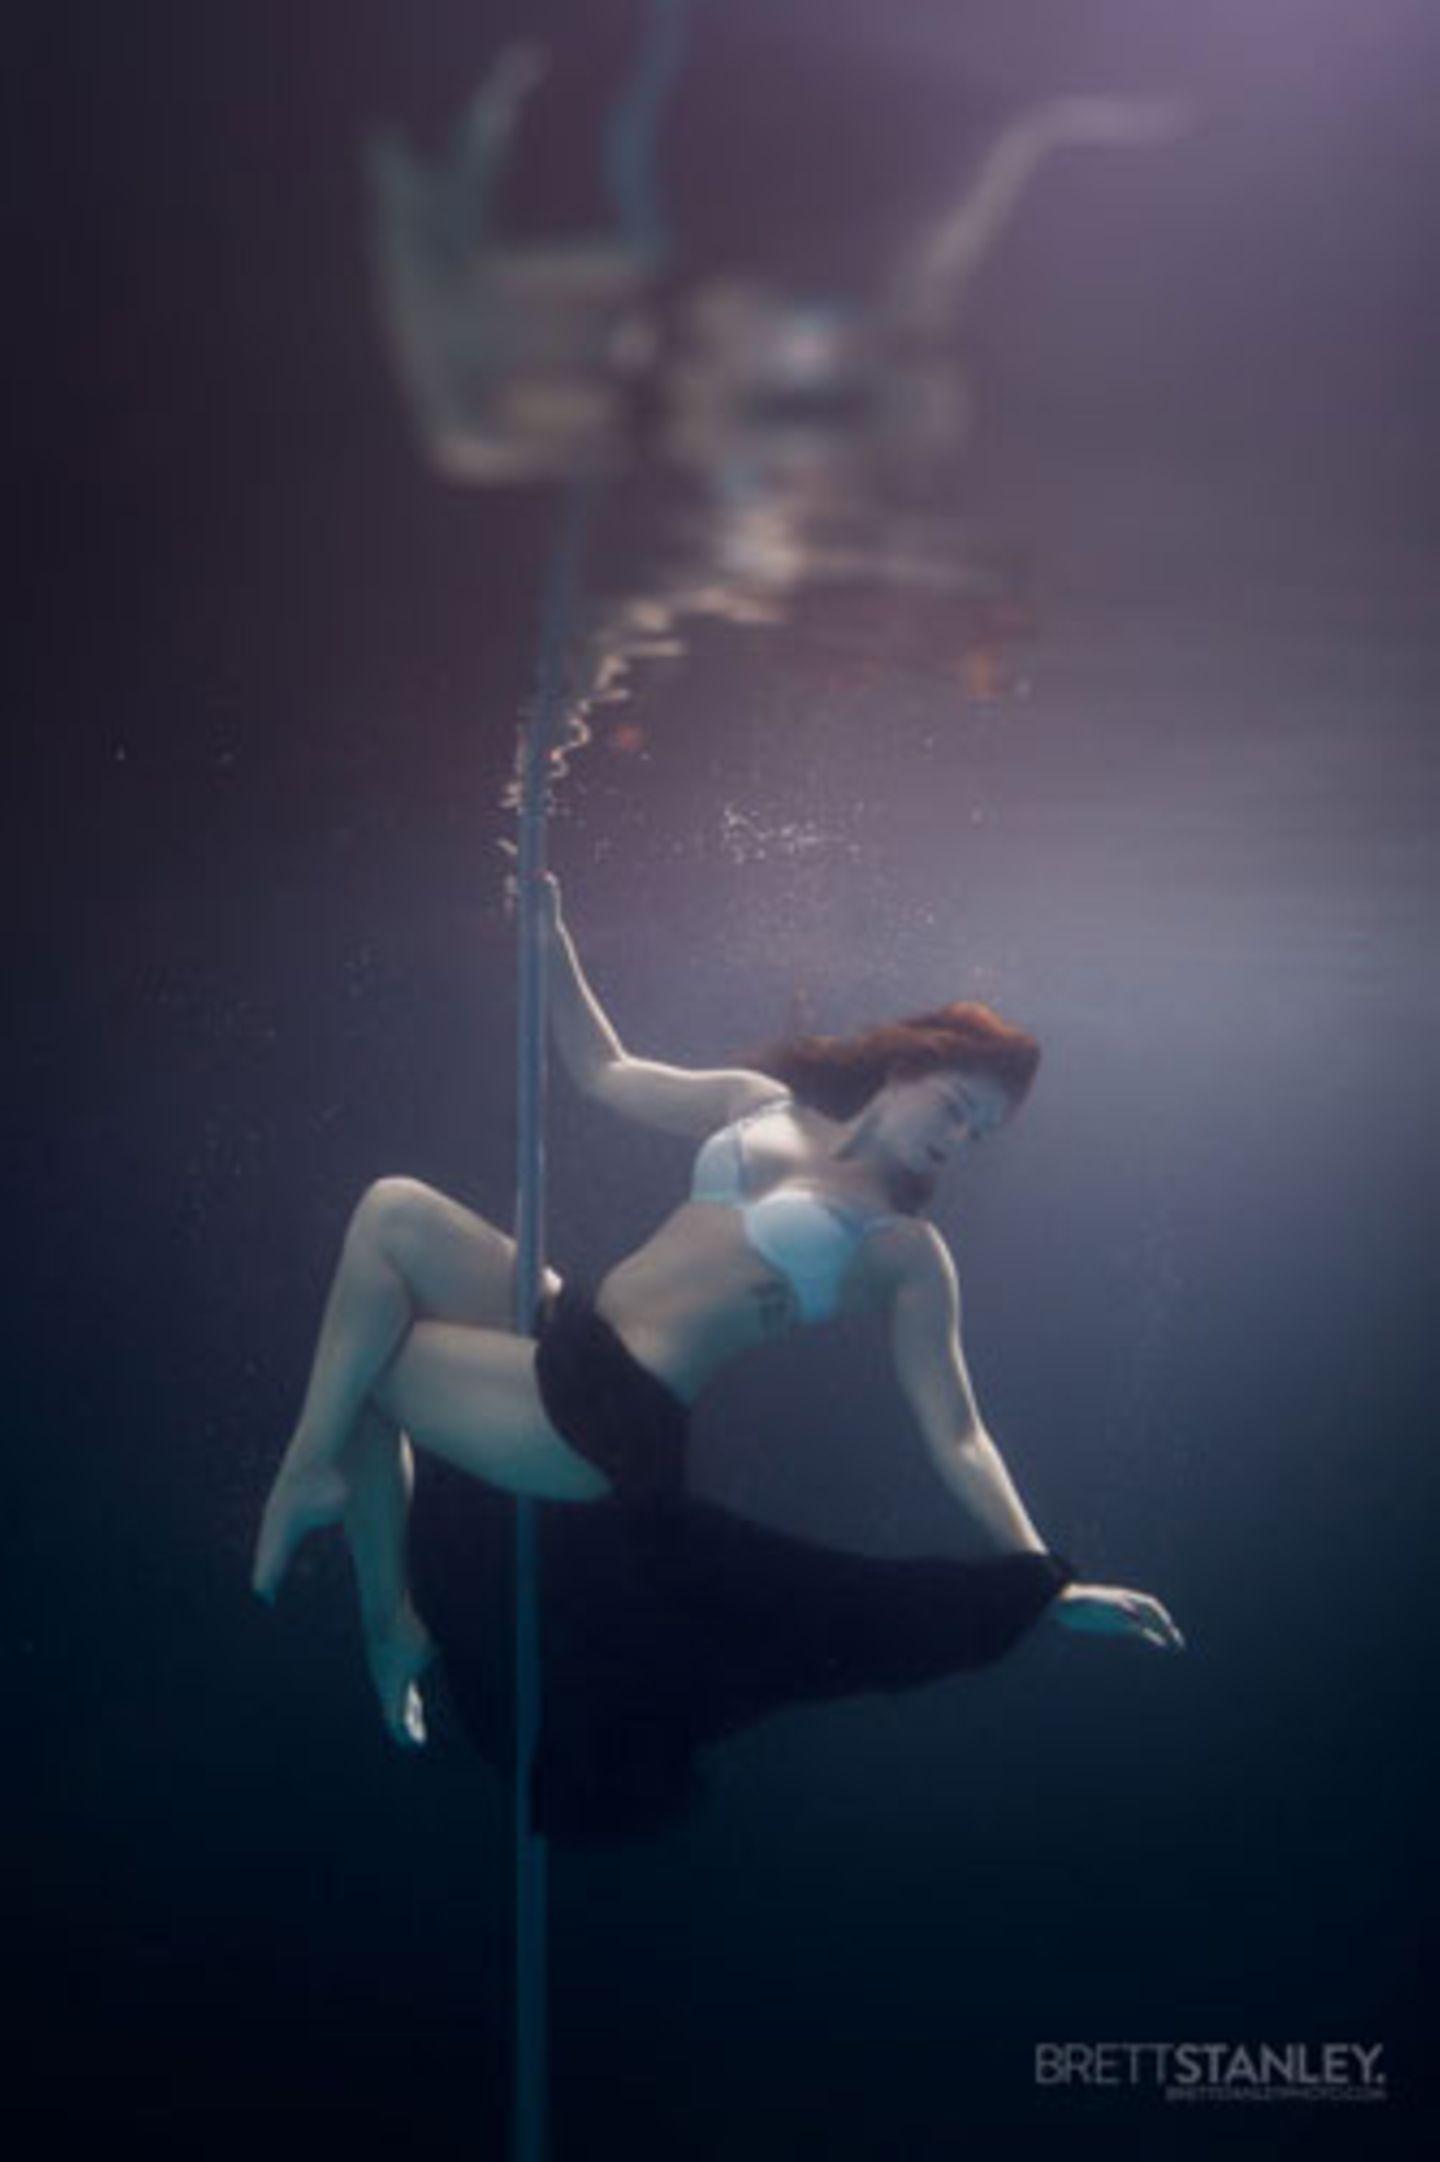 Beim Pole Dance lernt man, sich mit seinem Körper auszudrücken.